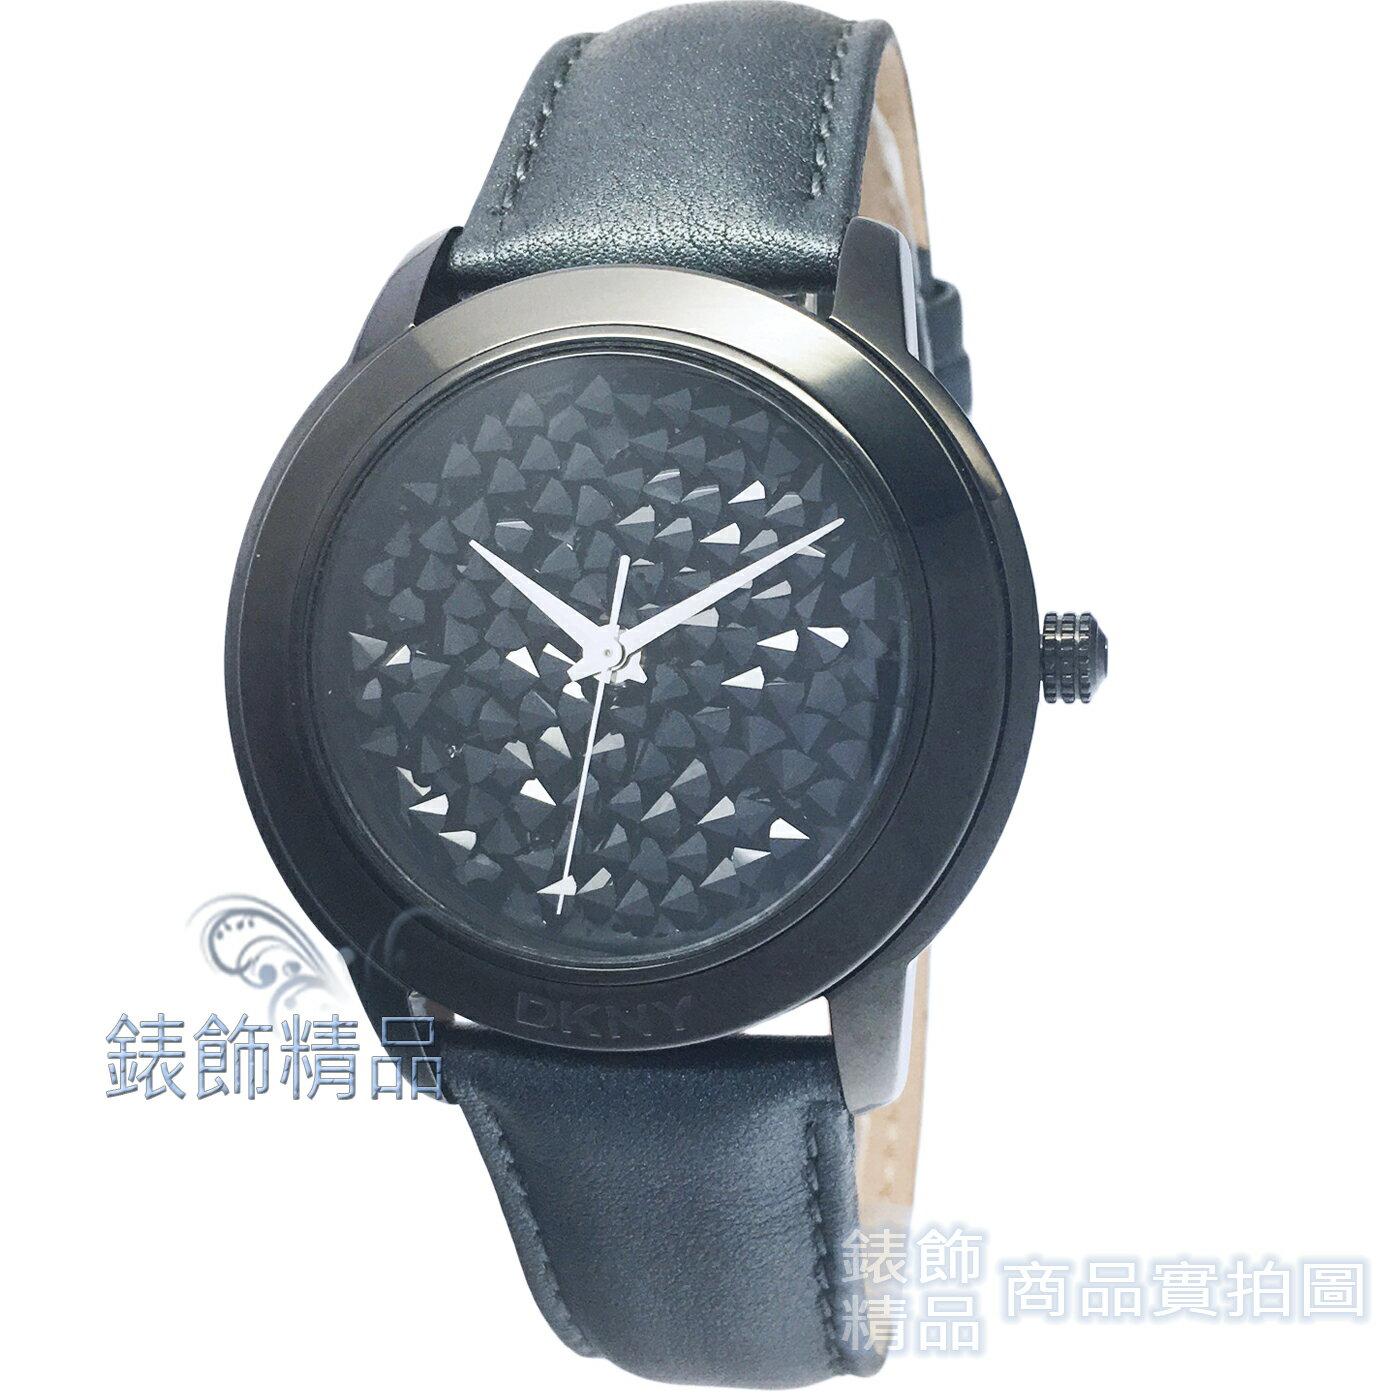 【錶飾精品】DKNY手錶 NY8434 玩酷黑勢力 耀眼晶鑽 黑 女錶 全新原廠正品